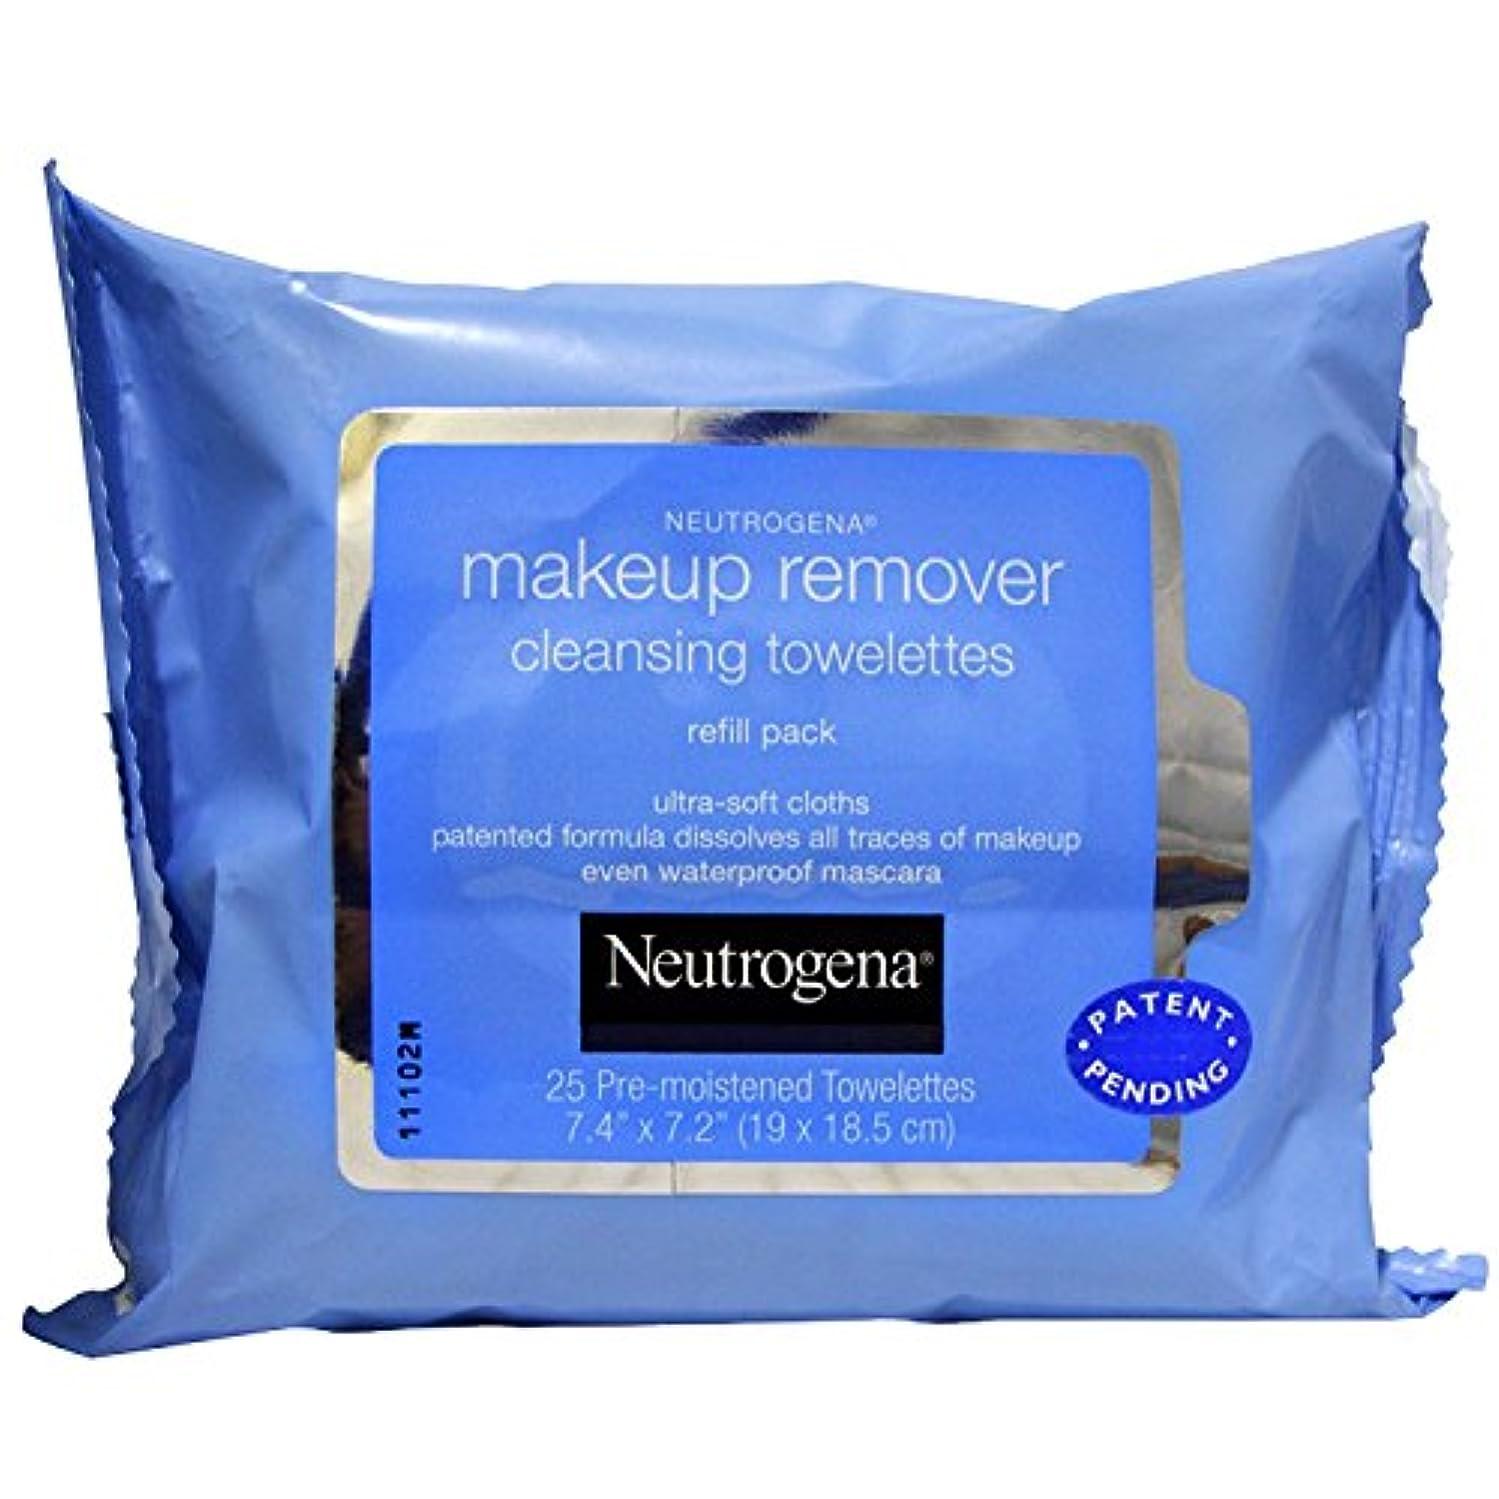 鳩思春期保証するNEUTROGENA Makeup Remover Cleansing Towelettes Refill Pack - 25 Count - 25 Towelettes